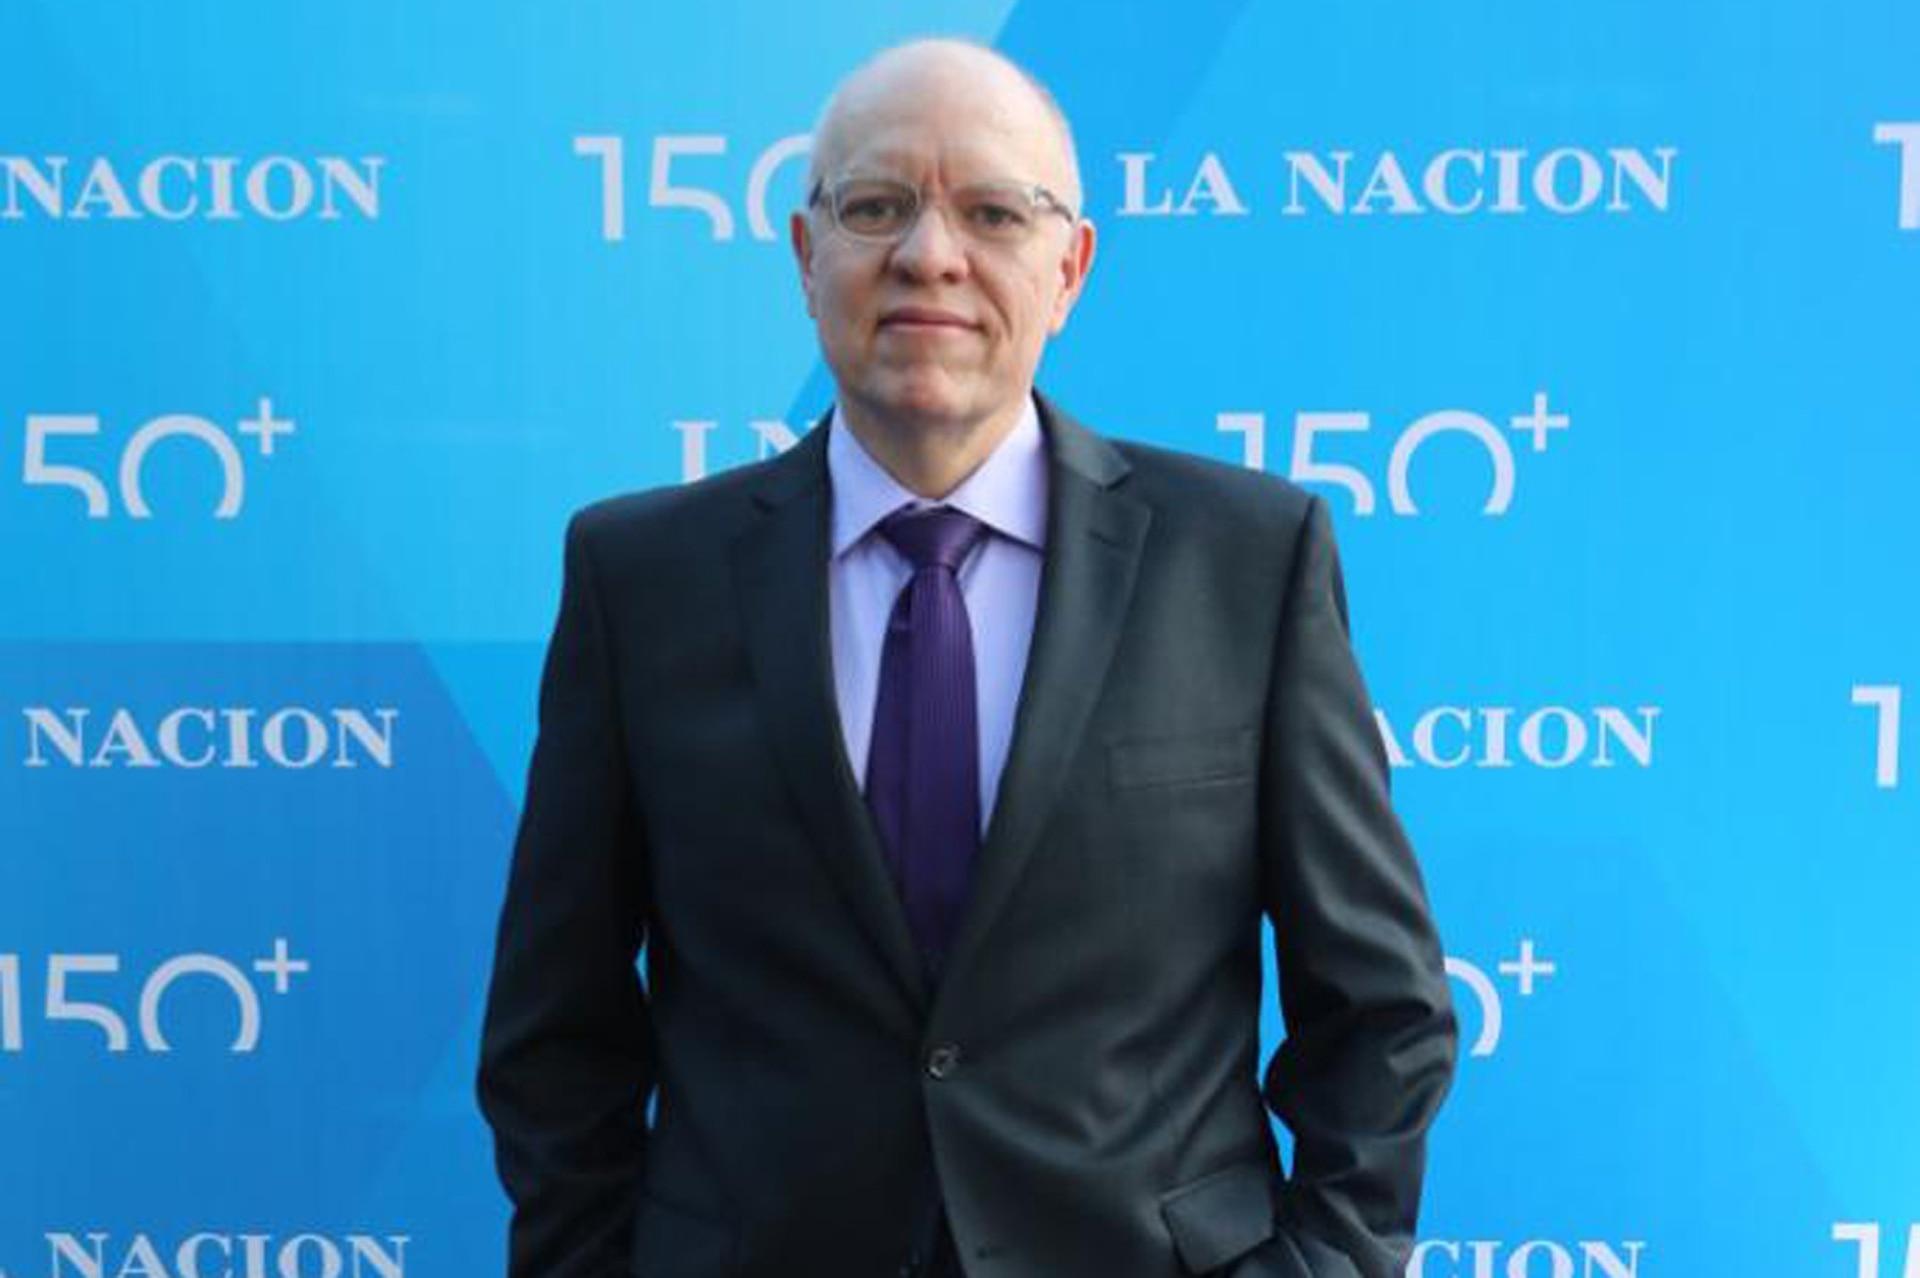 El periodista y escritor Jorge Fernández Díaz, en la celebración por los 150 años de LA NACION